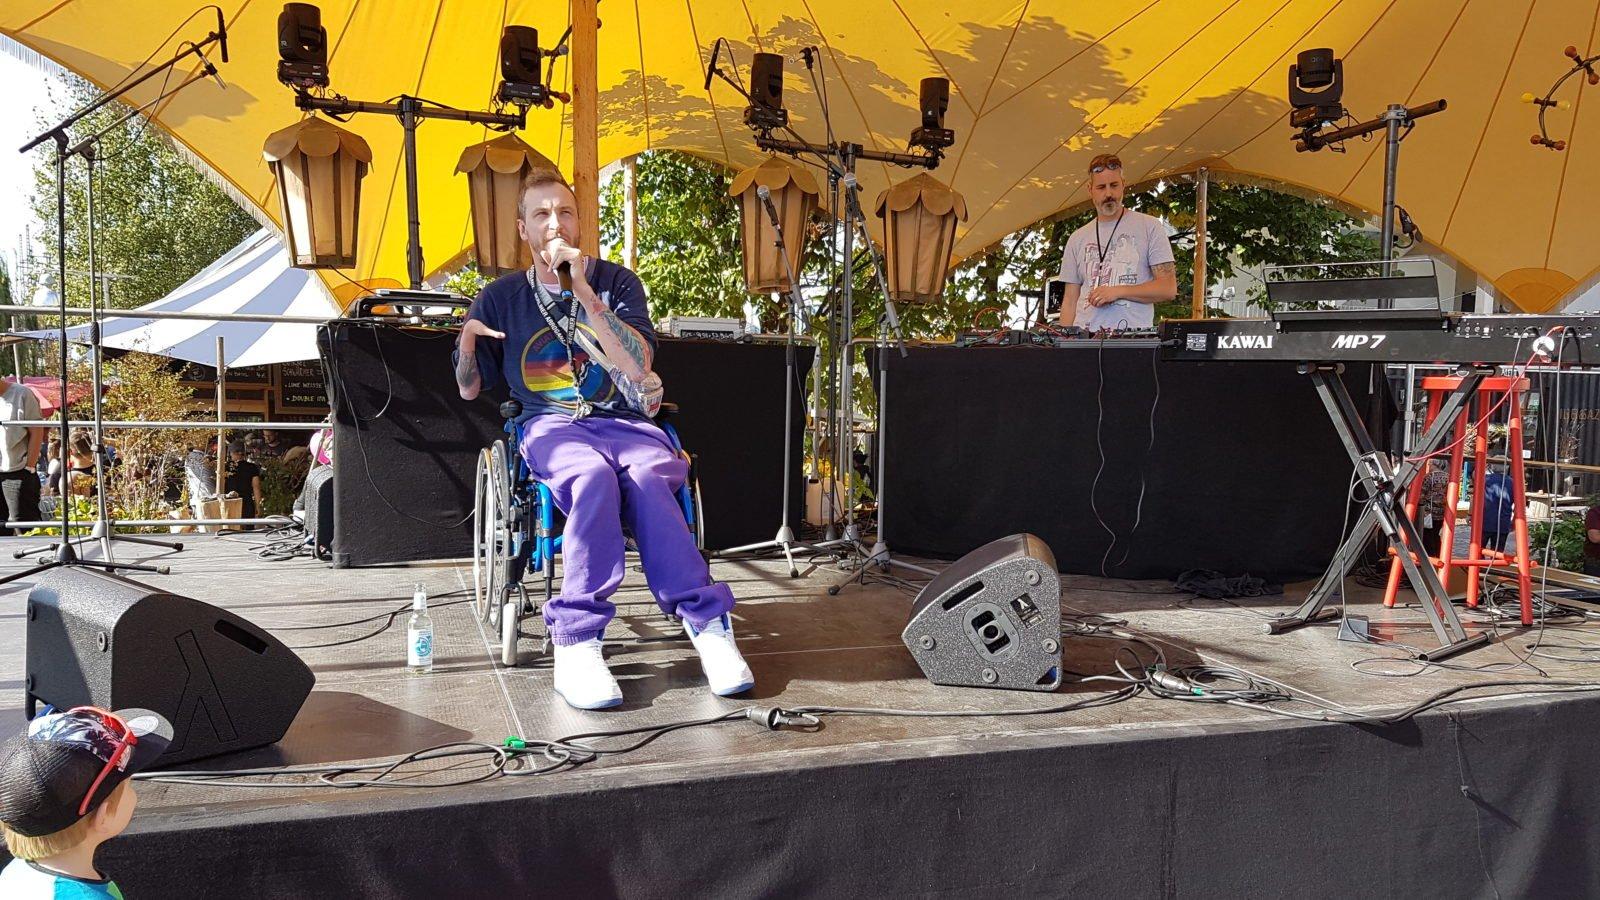 Mann im Rollstuhl singt mit Mikrofon in der Hand auf der Bühne